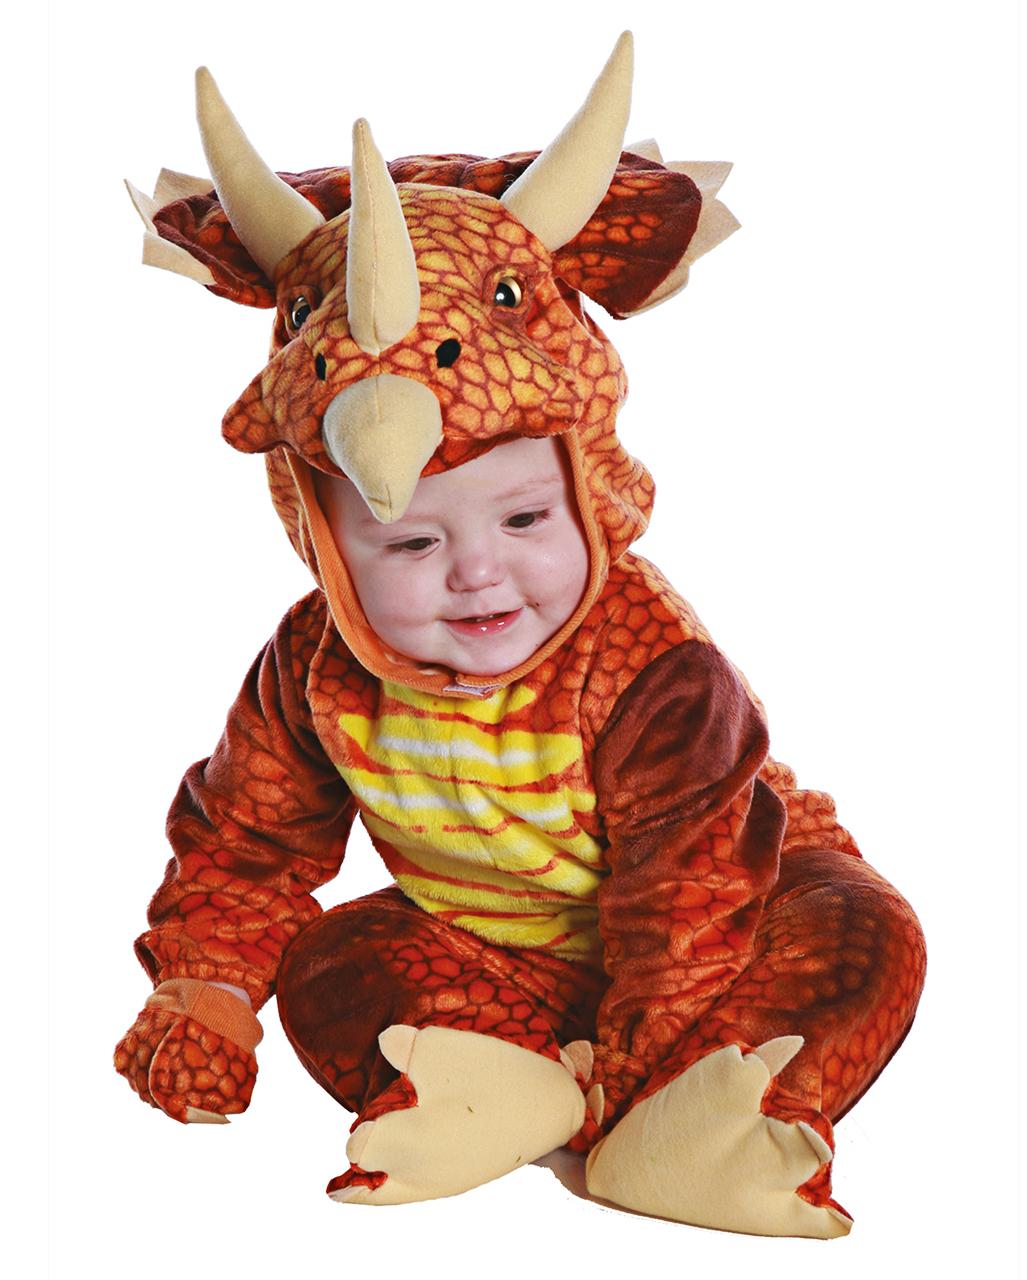 Dreihorn Dino Kleinkinderkostüm Rot bestimmt für Dreihorn Dinosaurier